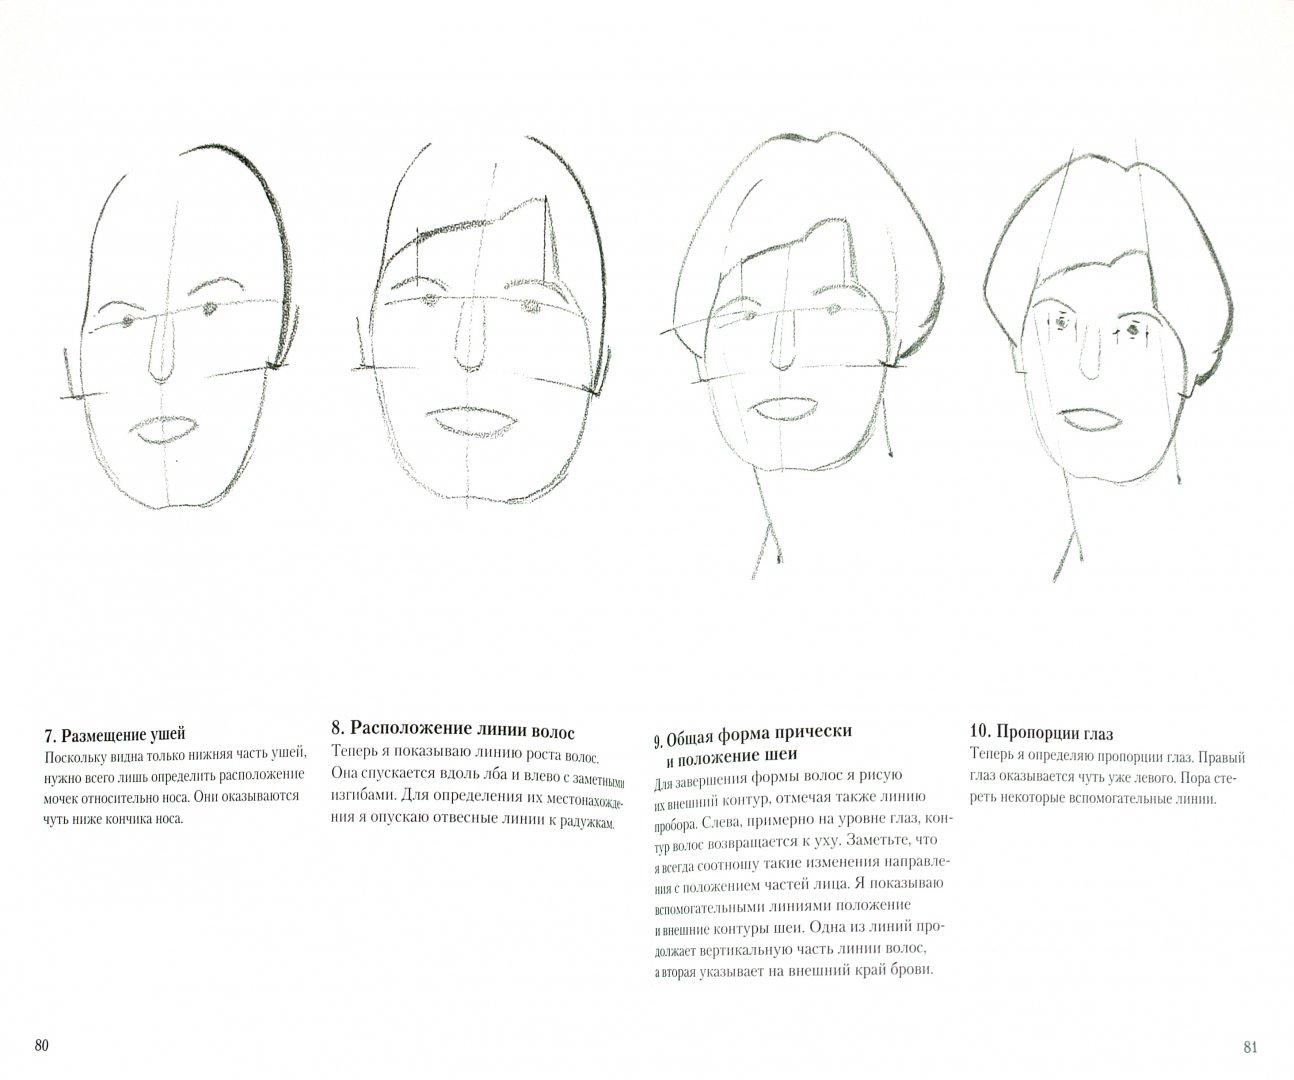 Иллюстрация 1 из 14 для Портретное сходство. Практический курс - Дуглас Грейвз | Лабиринт - книги. Источник: Лабиринт